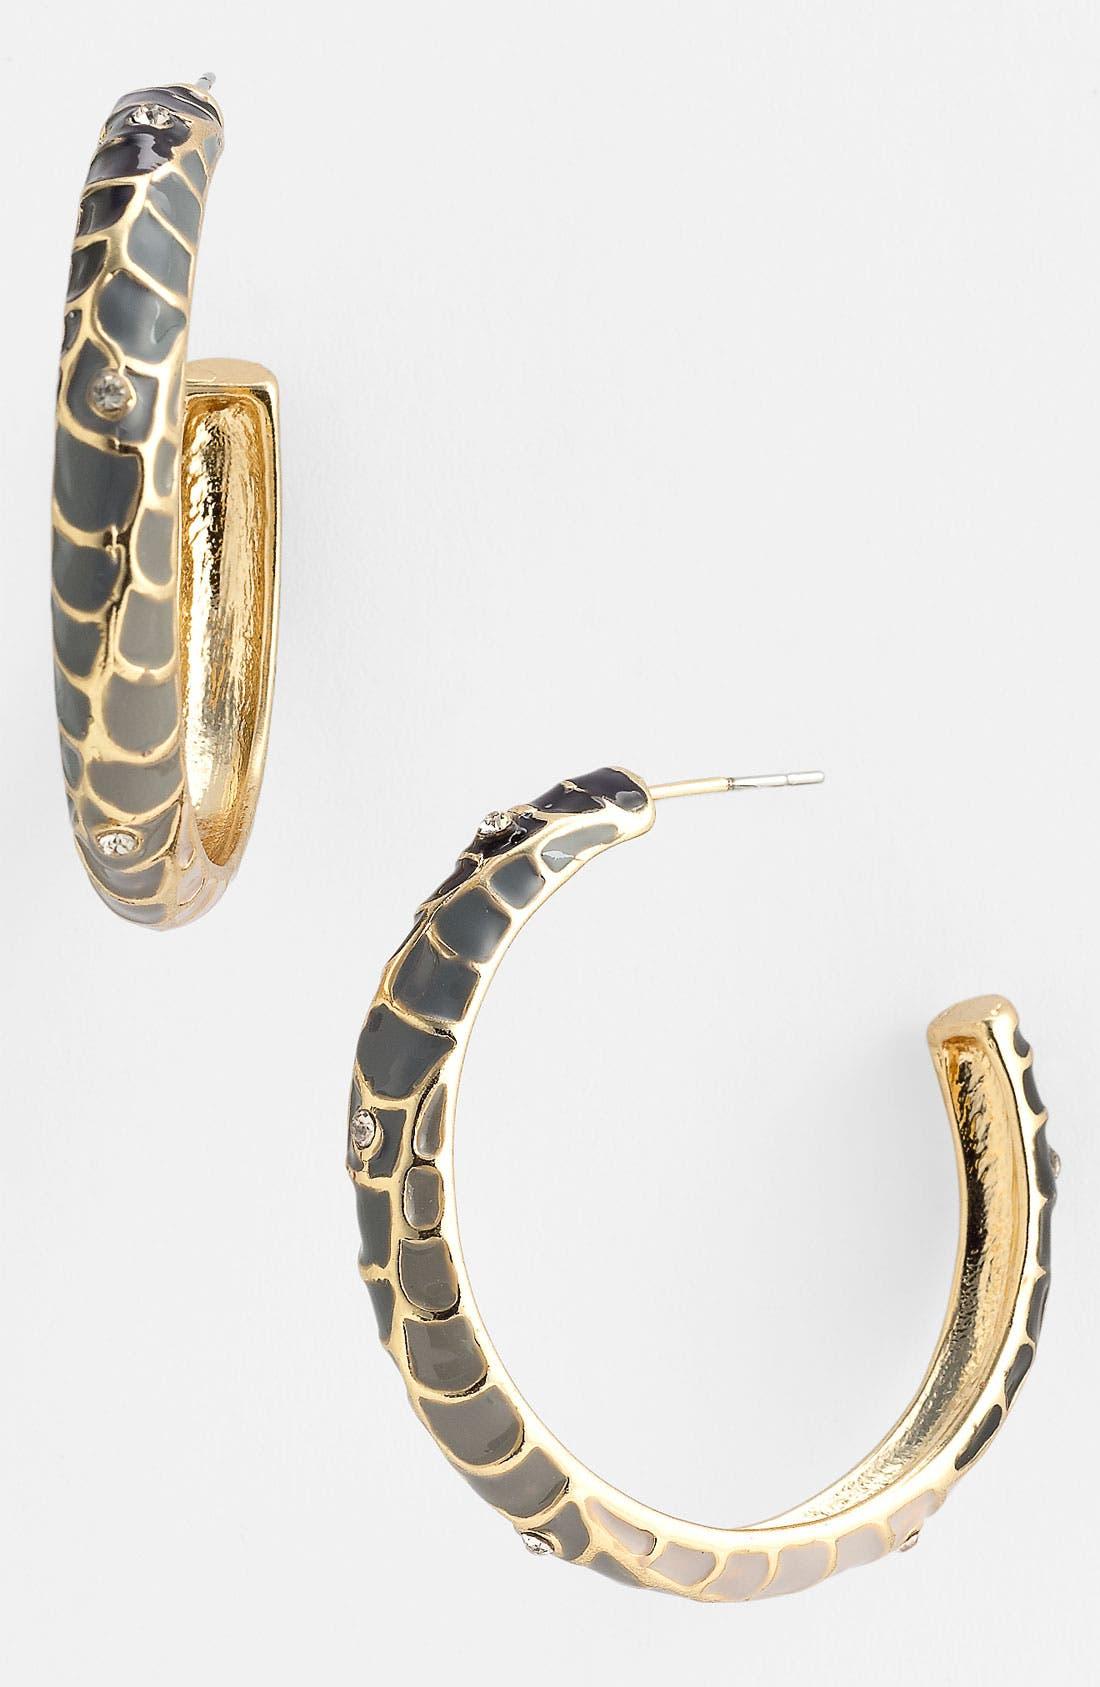 Main Image - Sequin 'Feather Plume' Enamel Hoop Earrings